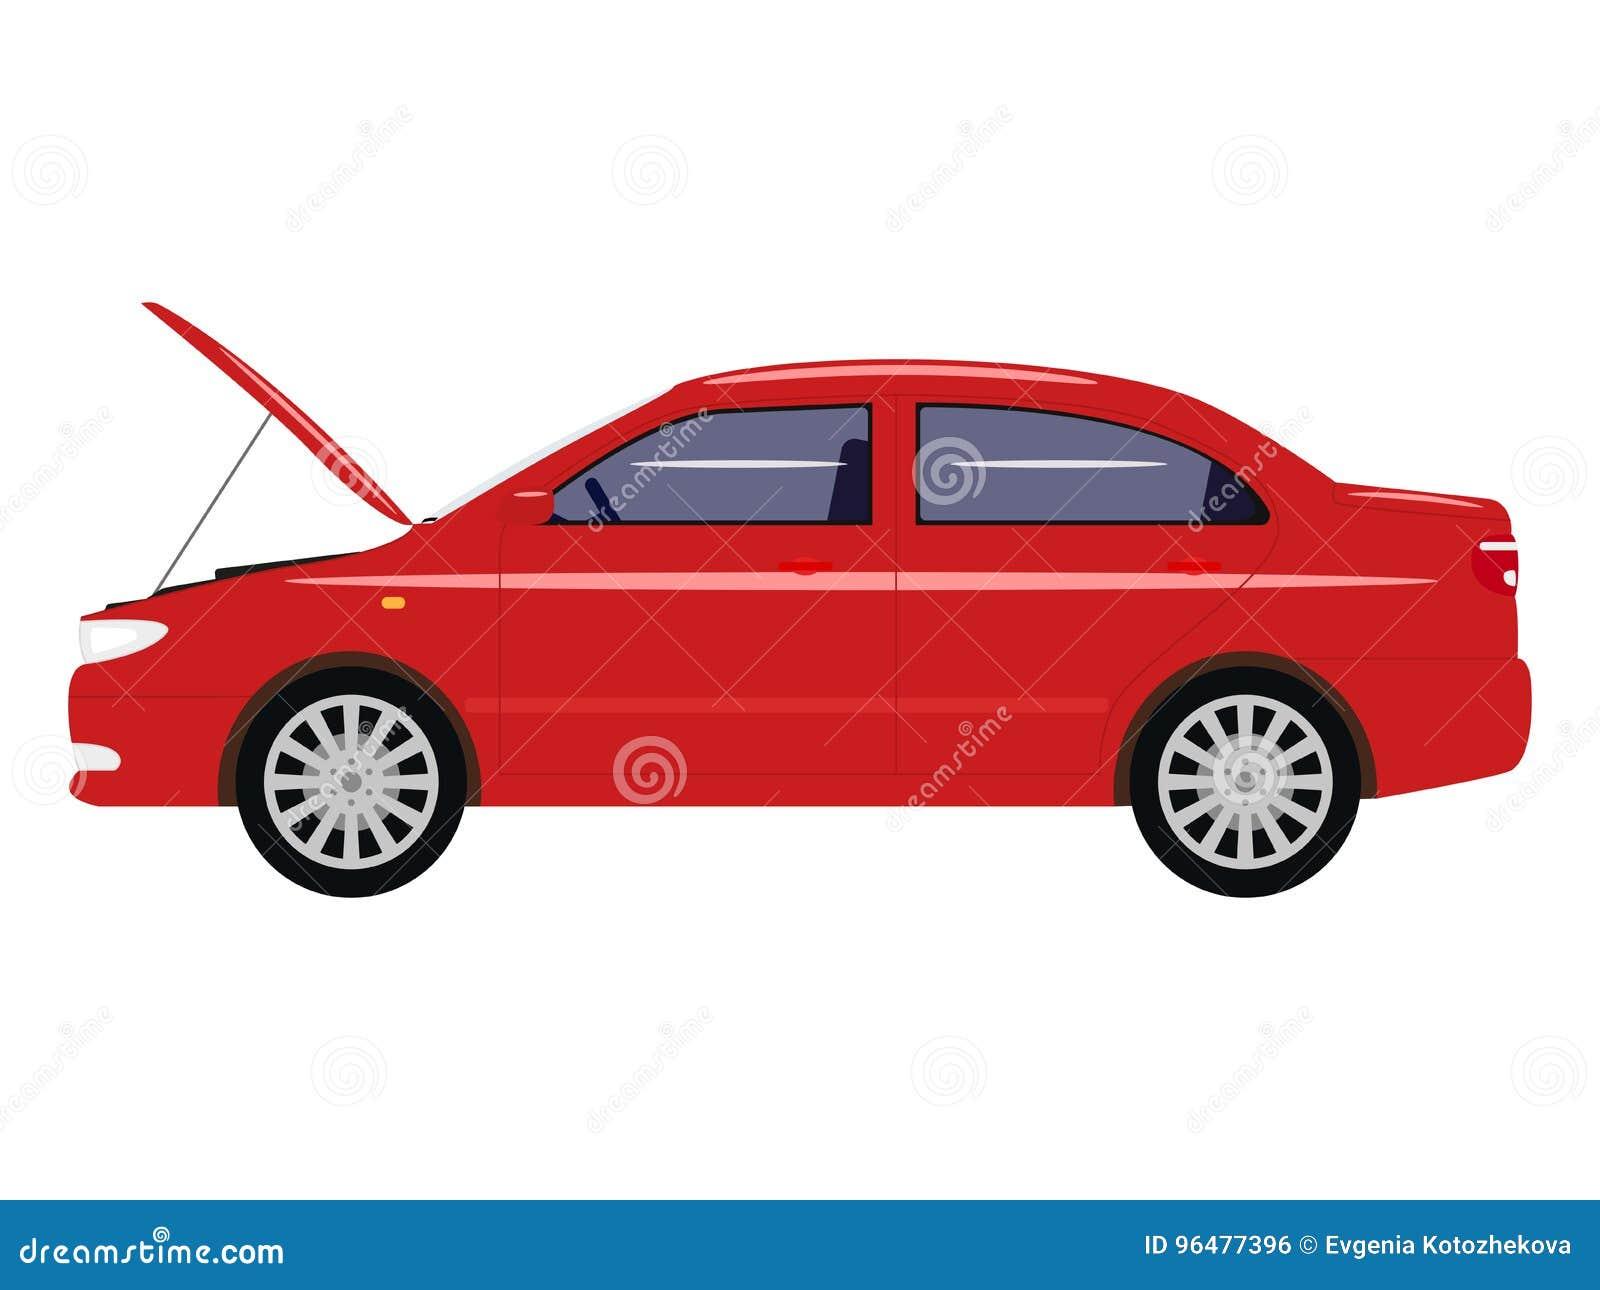 Wektorowy ilustracyjny kreskówka samochód z otwartym kapiszonem